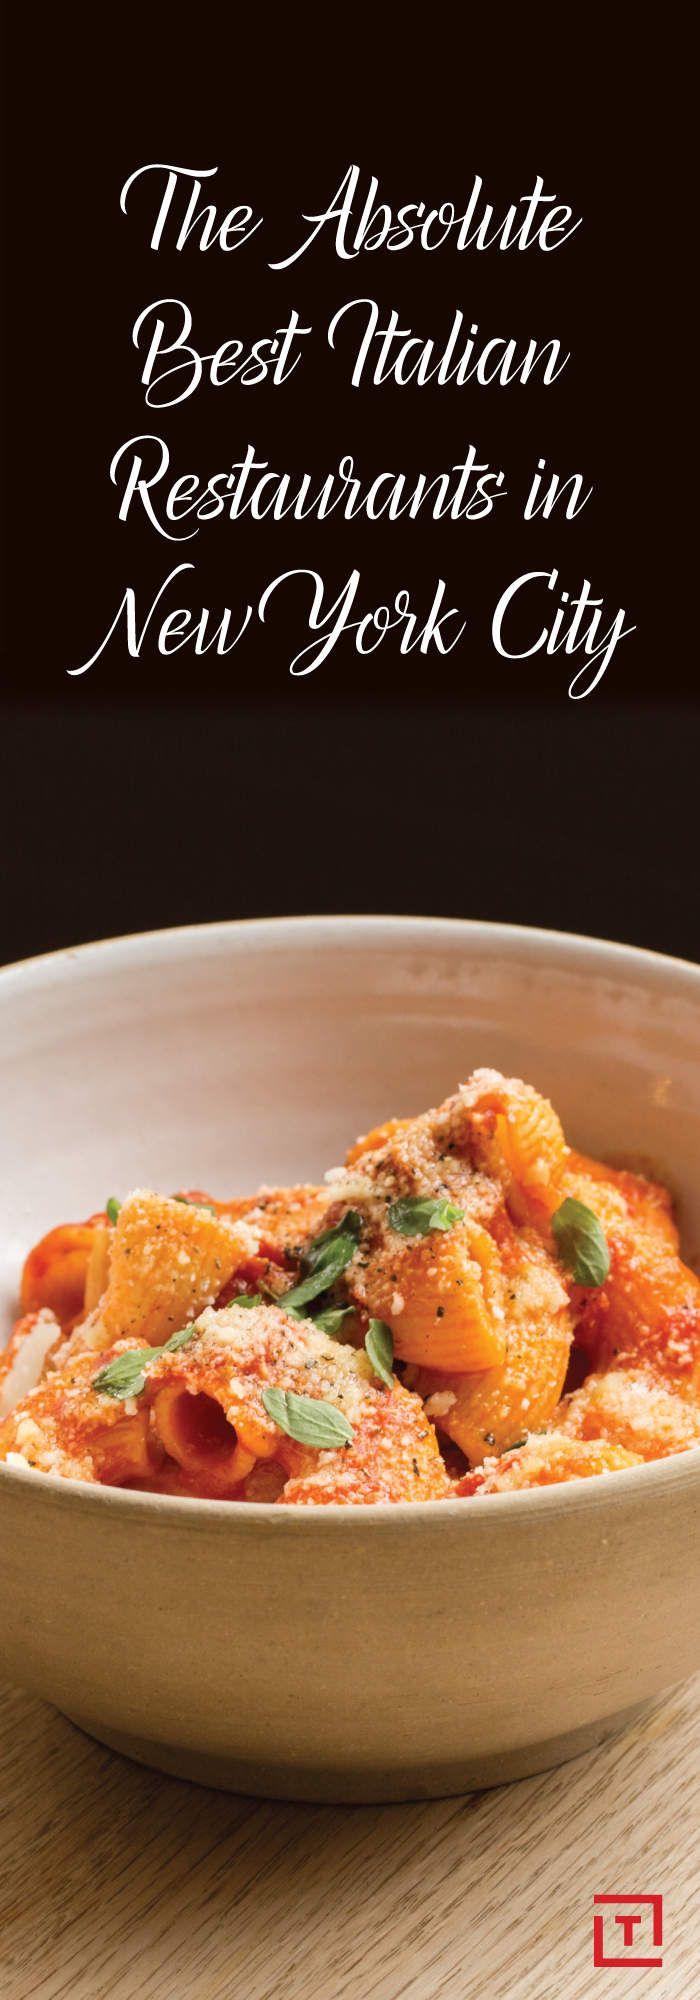 The Best Italian Restaurants in New York February 2017